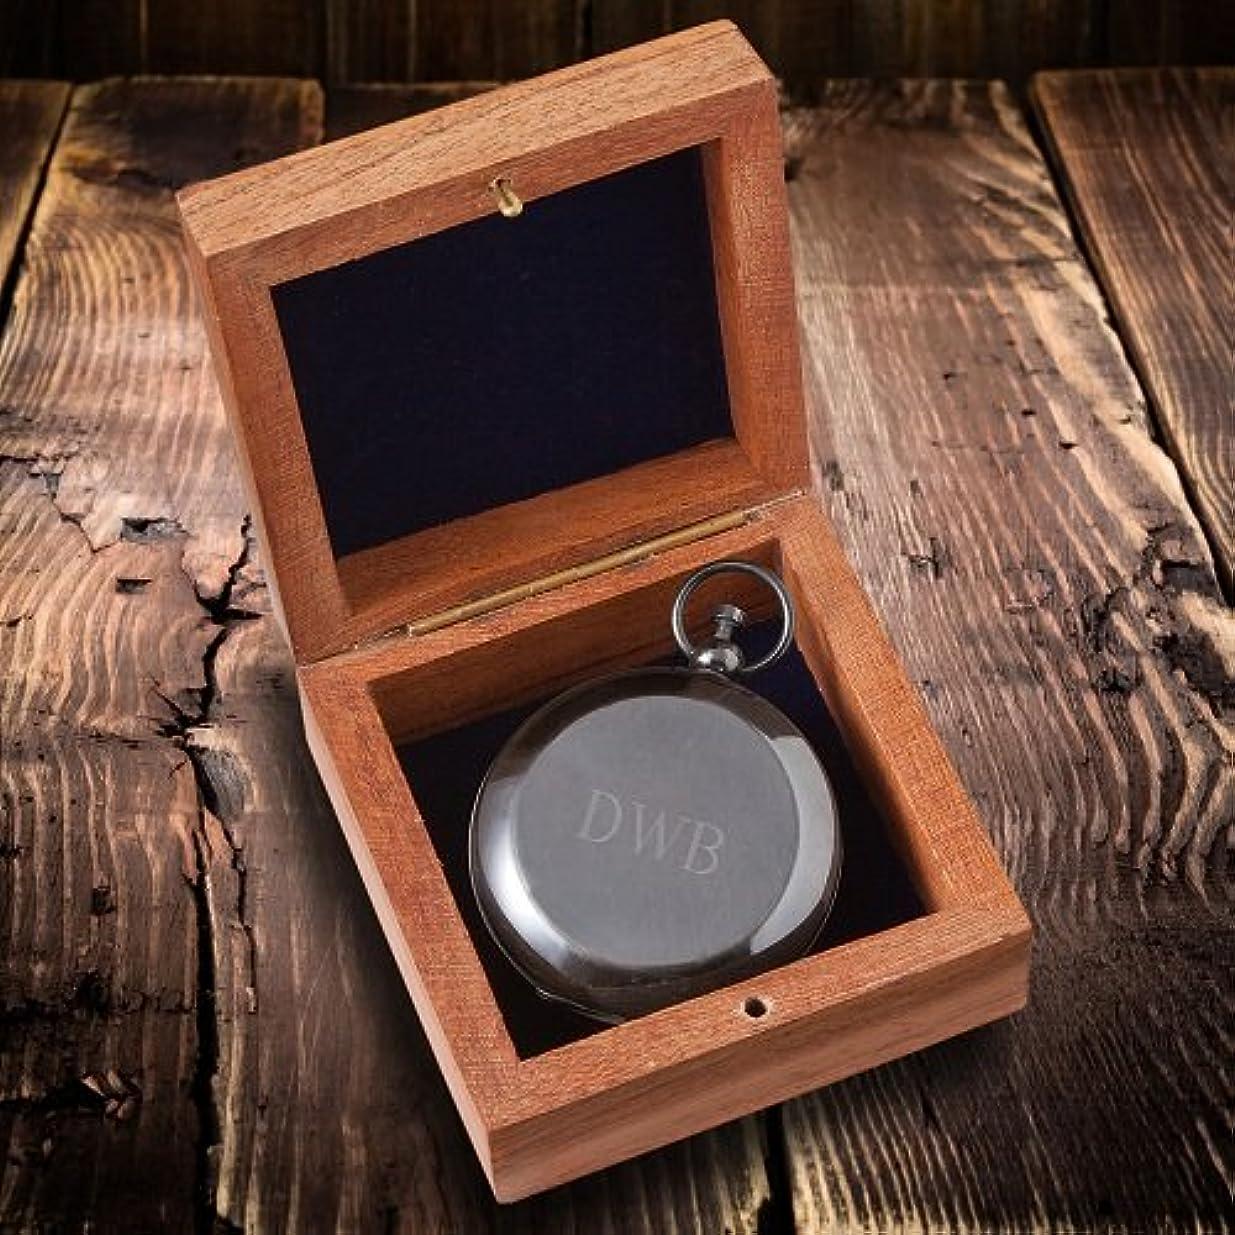 特権コンベンションに応じてPersonalizedガンメタル記念品コンパスwith Woodenボックス – 3イニシャル